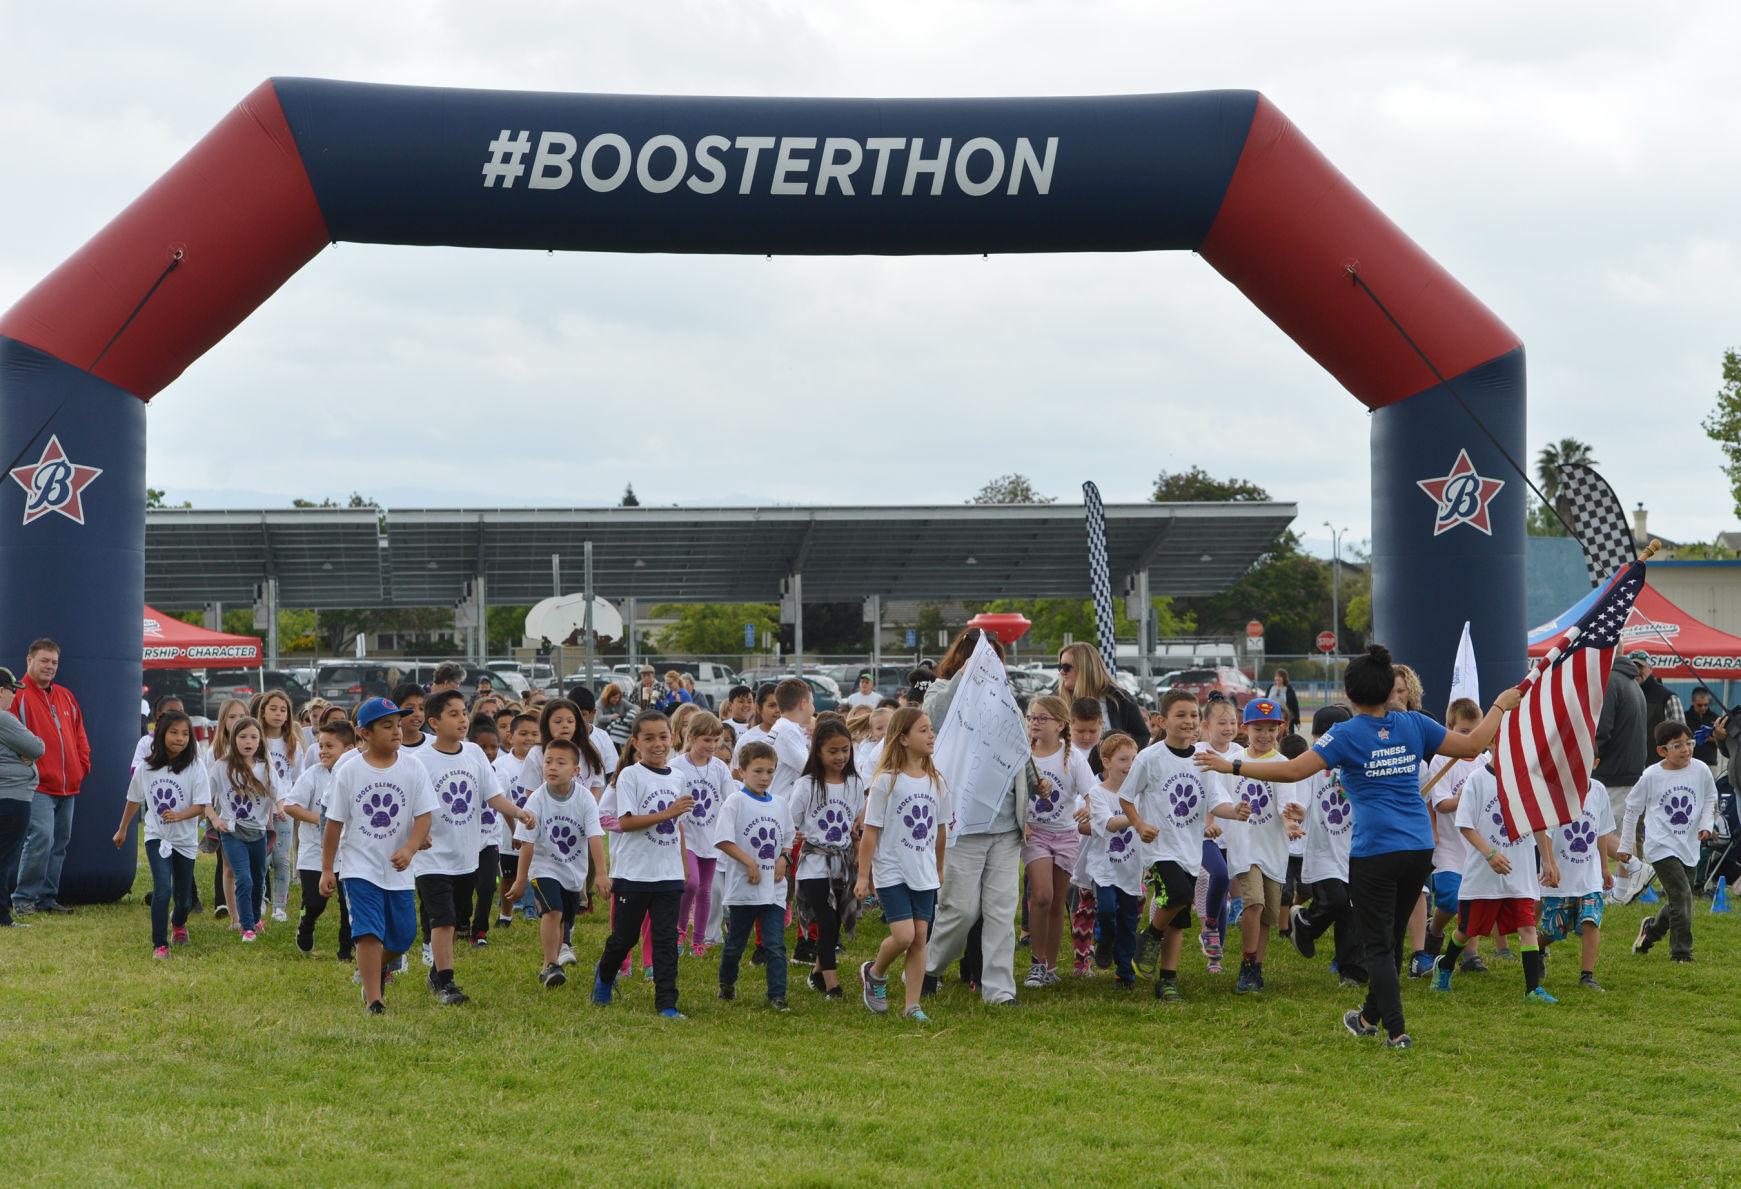 Boosterthon fun run prizes 2018 presidential election